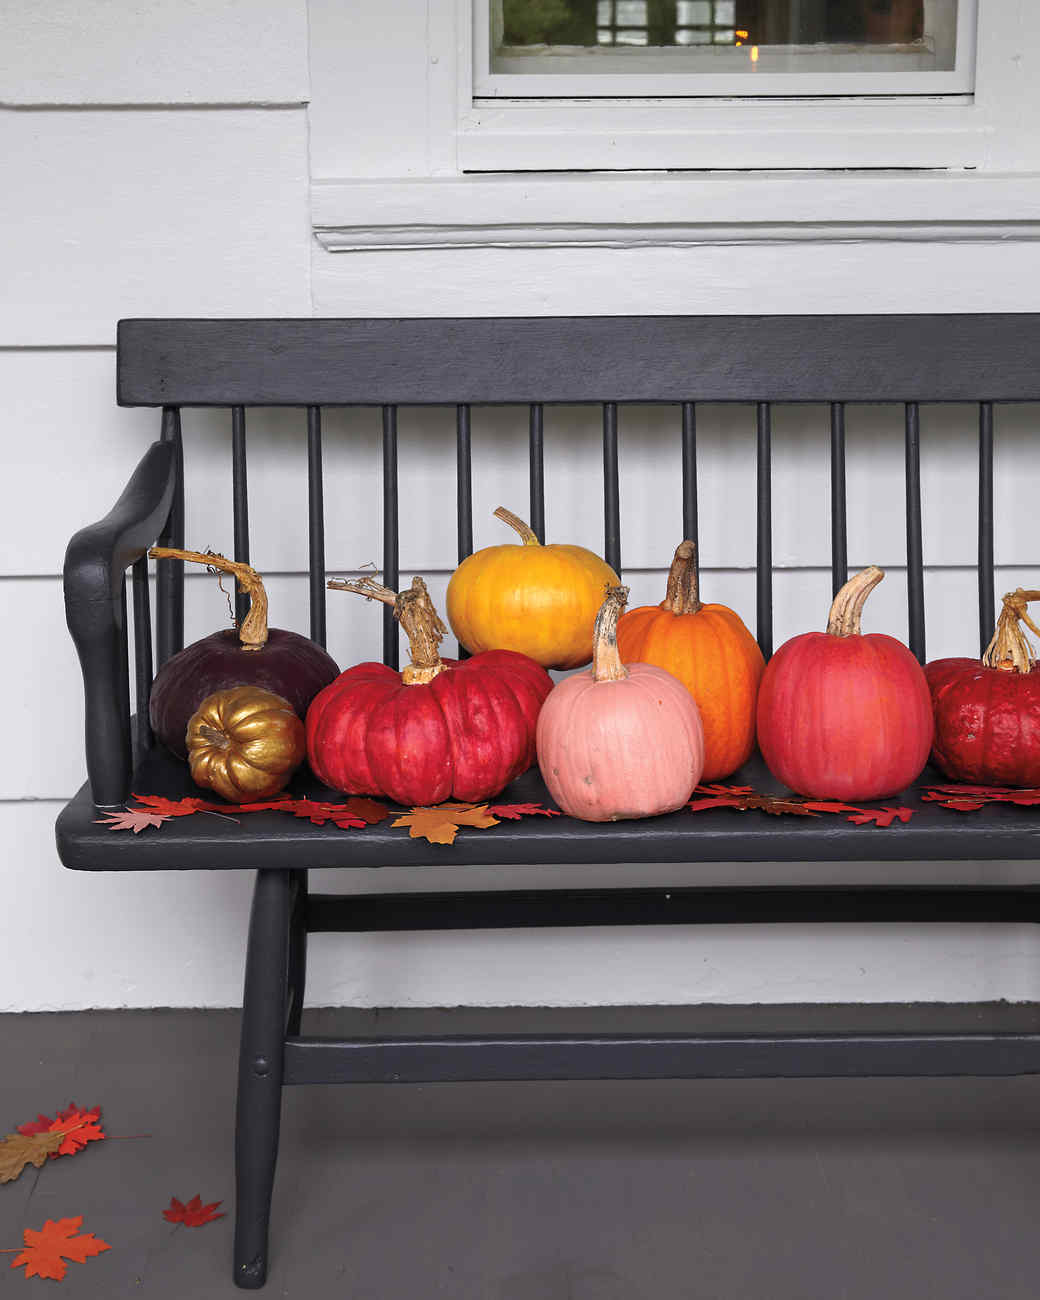 painted-pumpkins-leaves-006-md110410.jpg